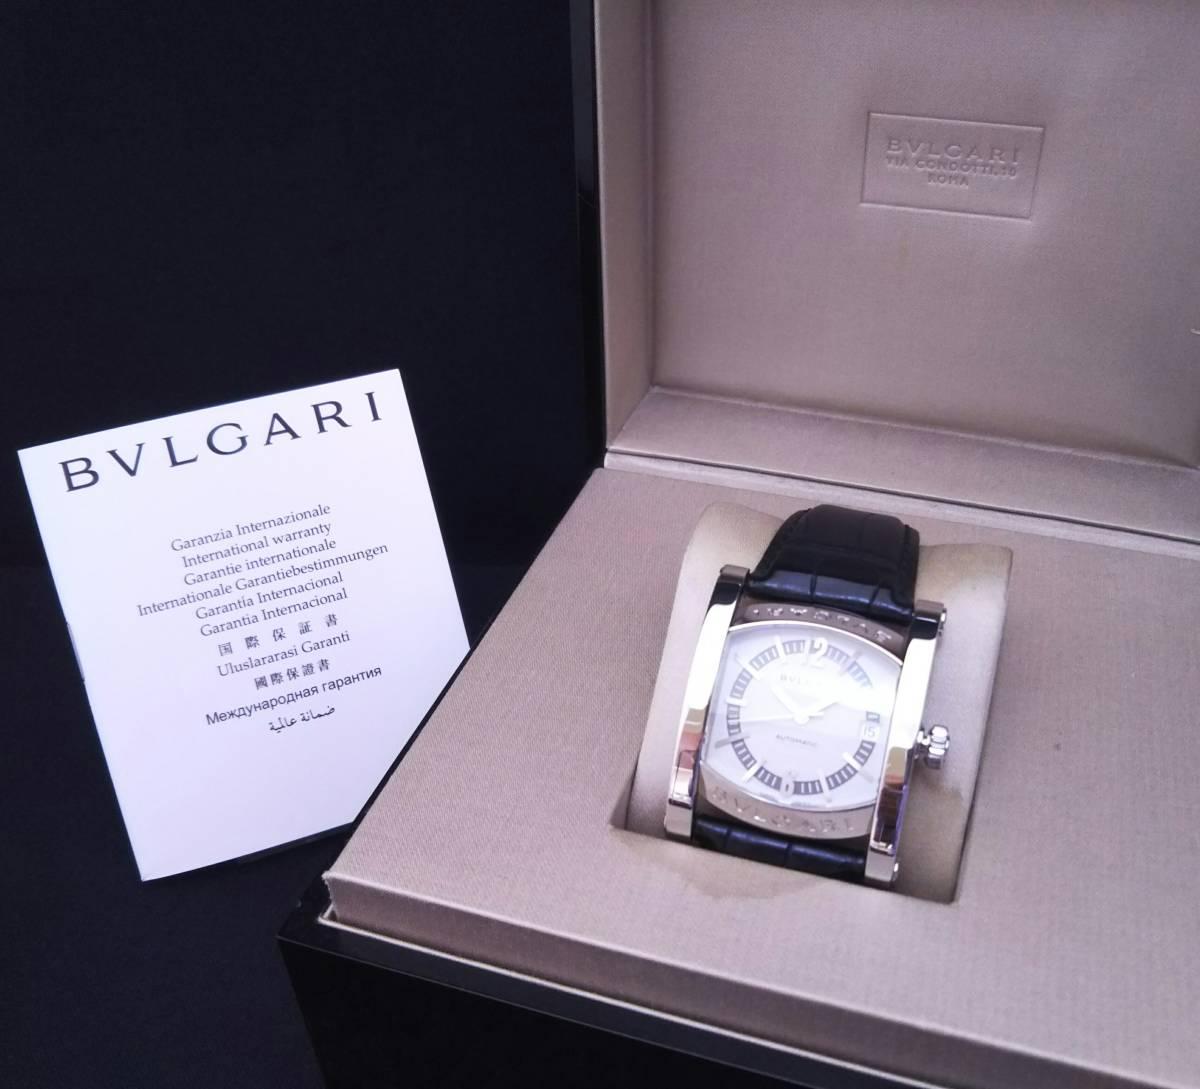 【OH・研磨済!】BVLGARI ブルガリ ASSIOMA アショーマ AA44S メンズ腕時計 デイト SS×黒革 白文字盤 自動巻 店舗受取可_画像8